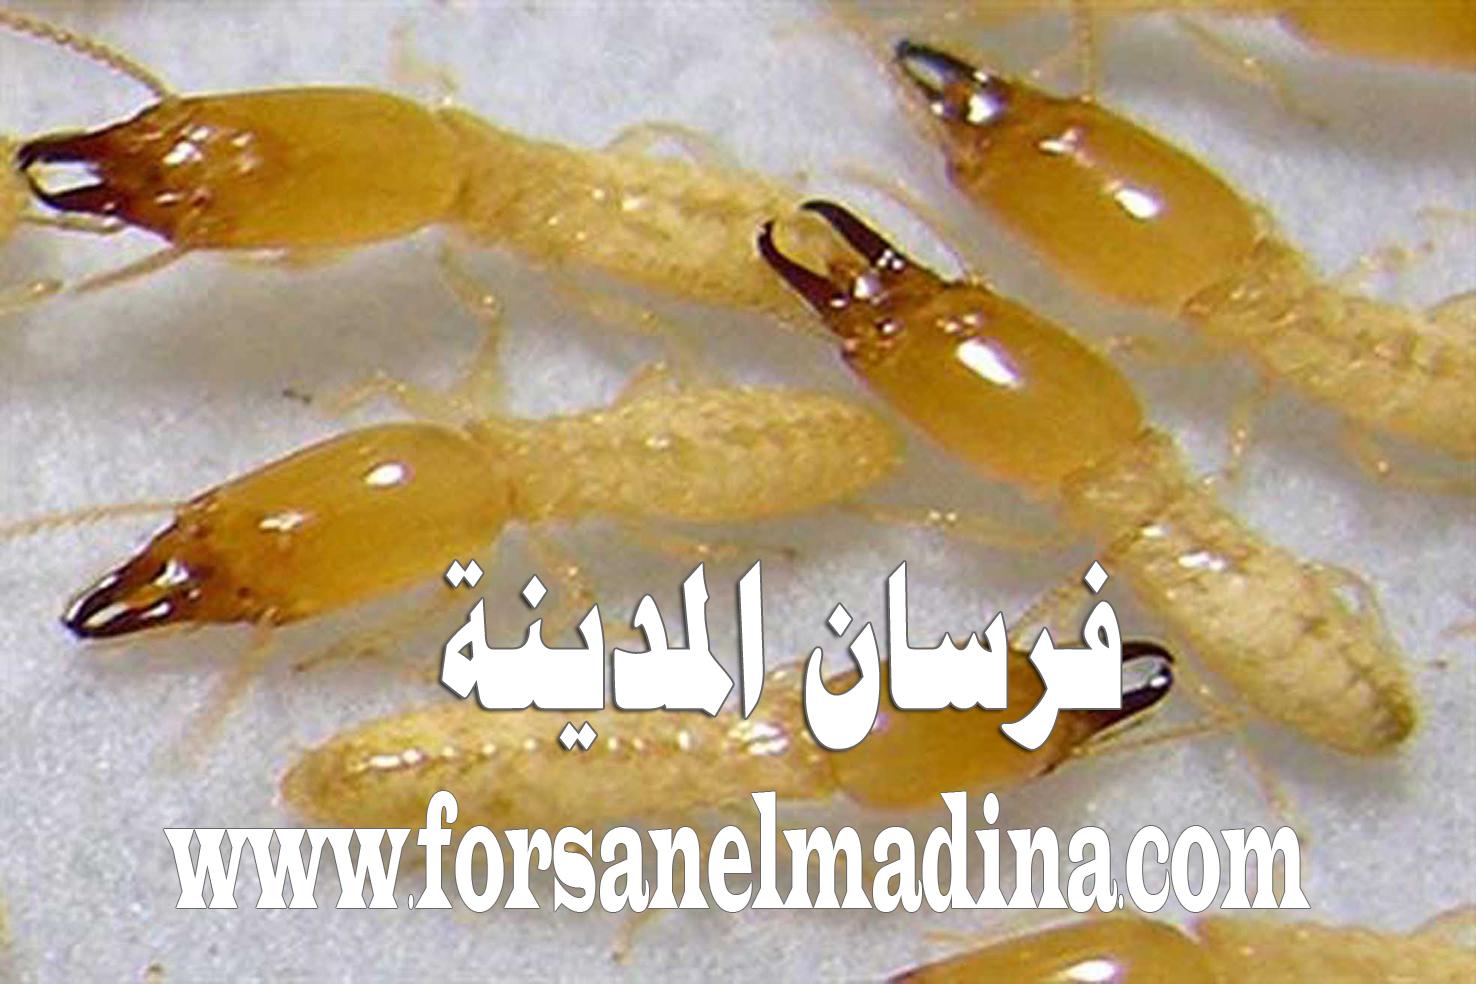 شركة مكافحة النمل الأبيض بالمدينة المنورة 0596970555